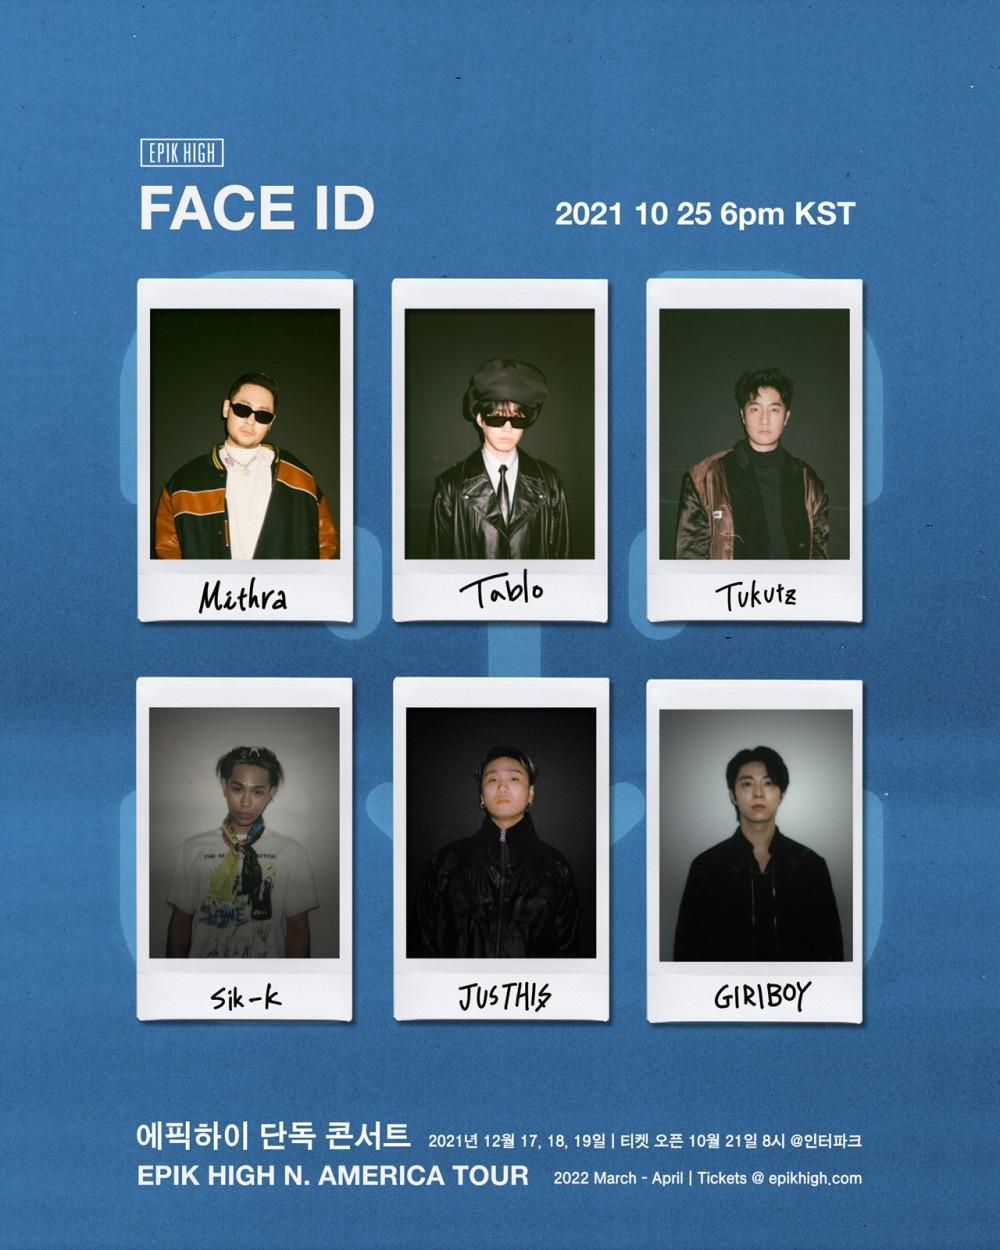 에픽하이, 선공개 싱글 'FACE ID' 피처링진 공개 완료…저스디스·식케이·기리보...